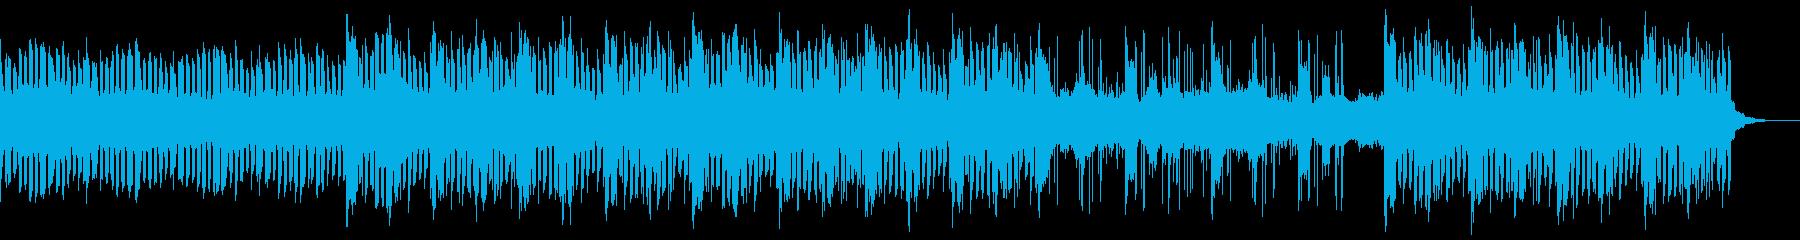 ミステリアスで神秘的なSF風サウンドの再生済みの波形